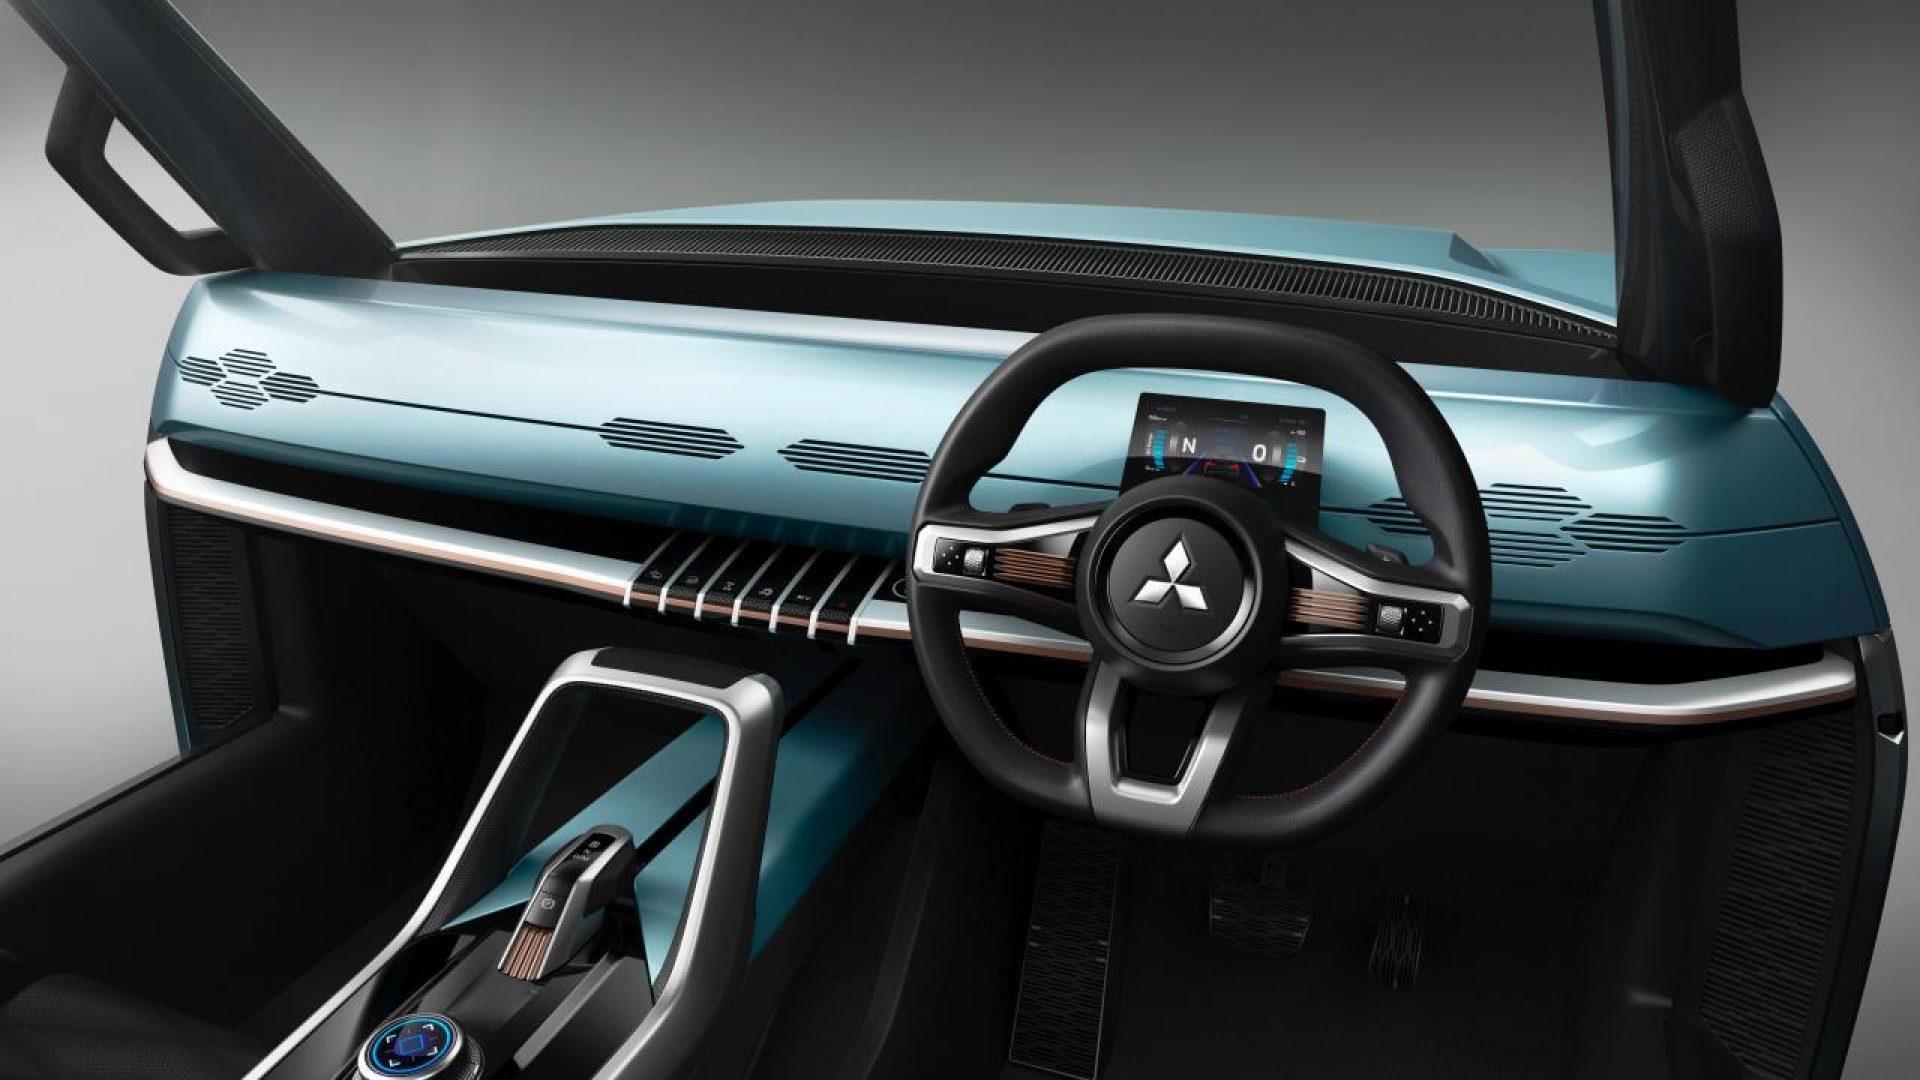 2019-Mitsubishi-MI-Tech-Concept-Interior-02